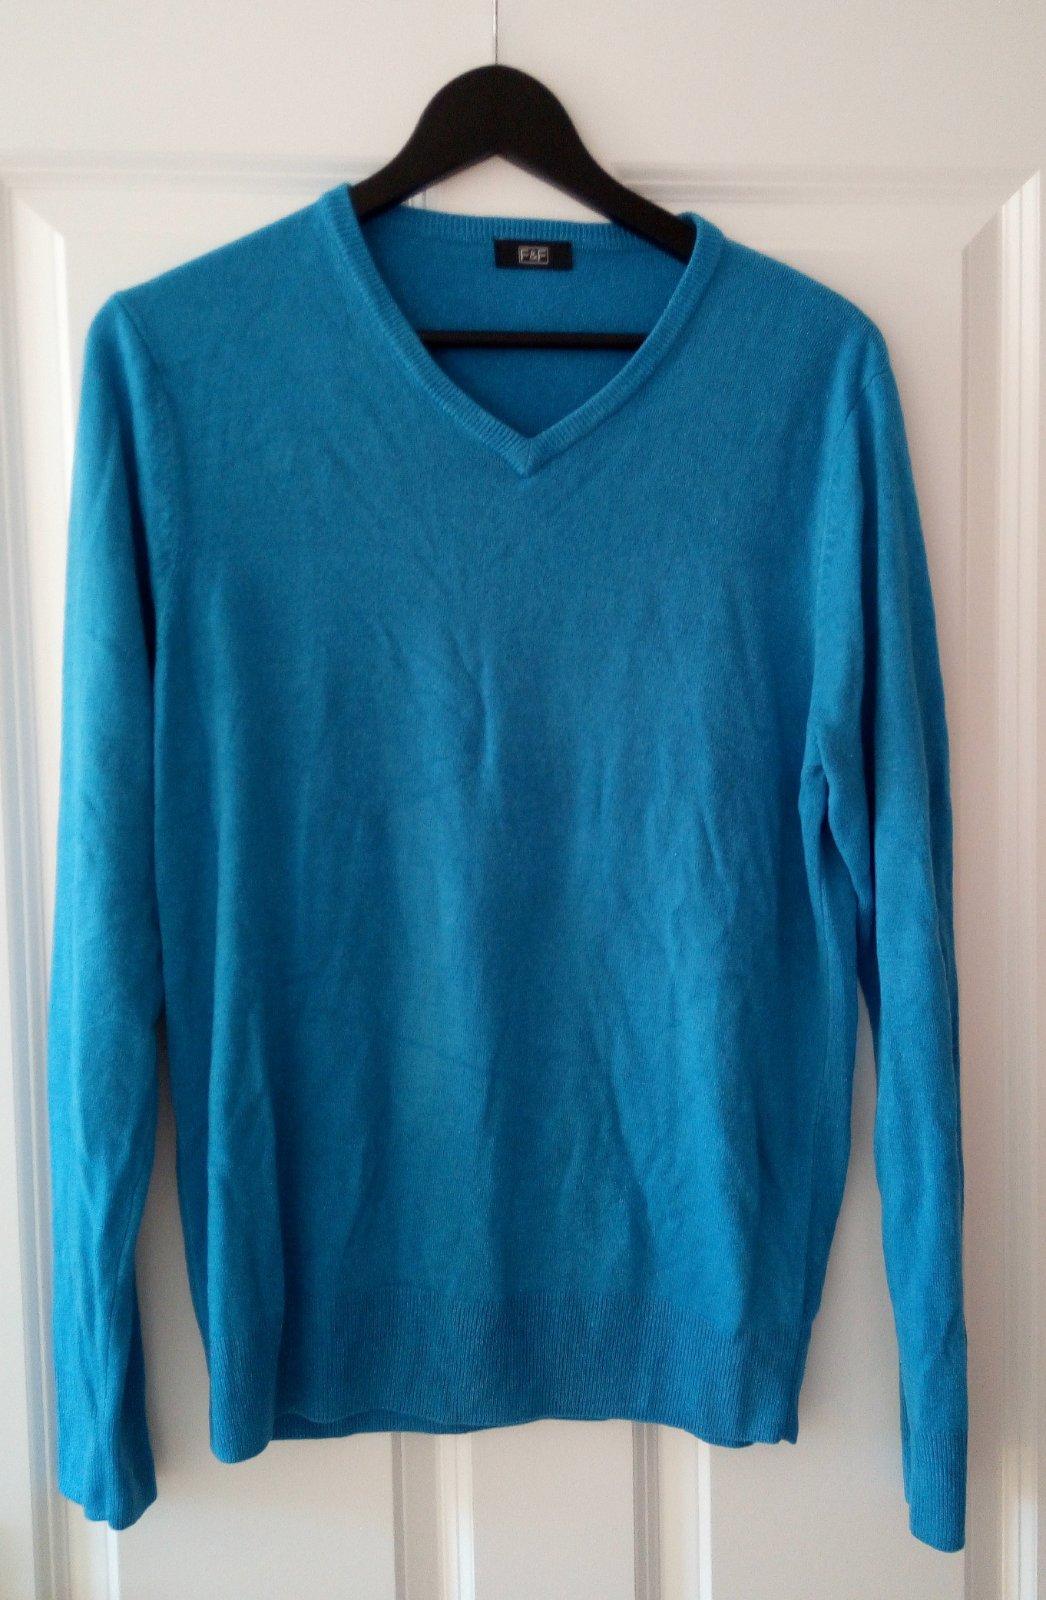 Bledomodrý pánsky sveter M - Obrázok č. 1